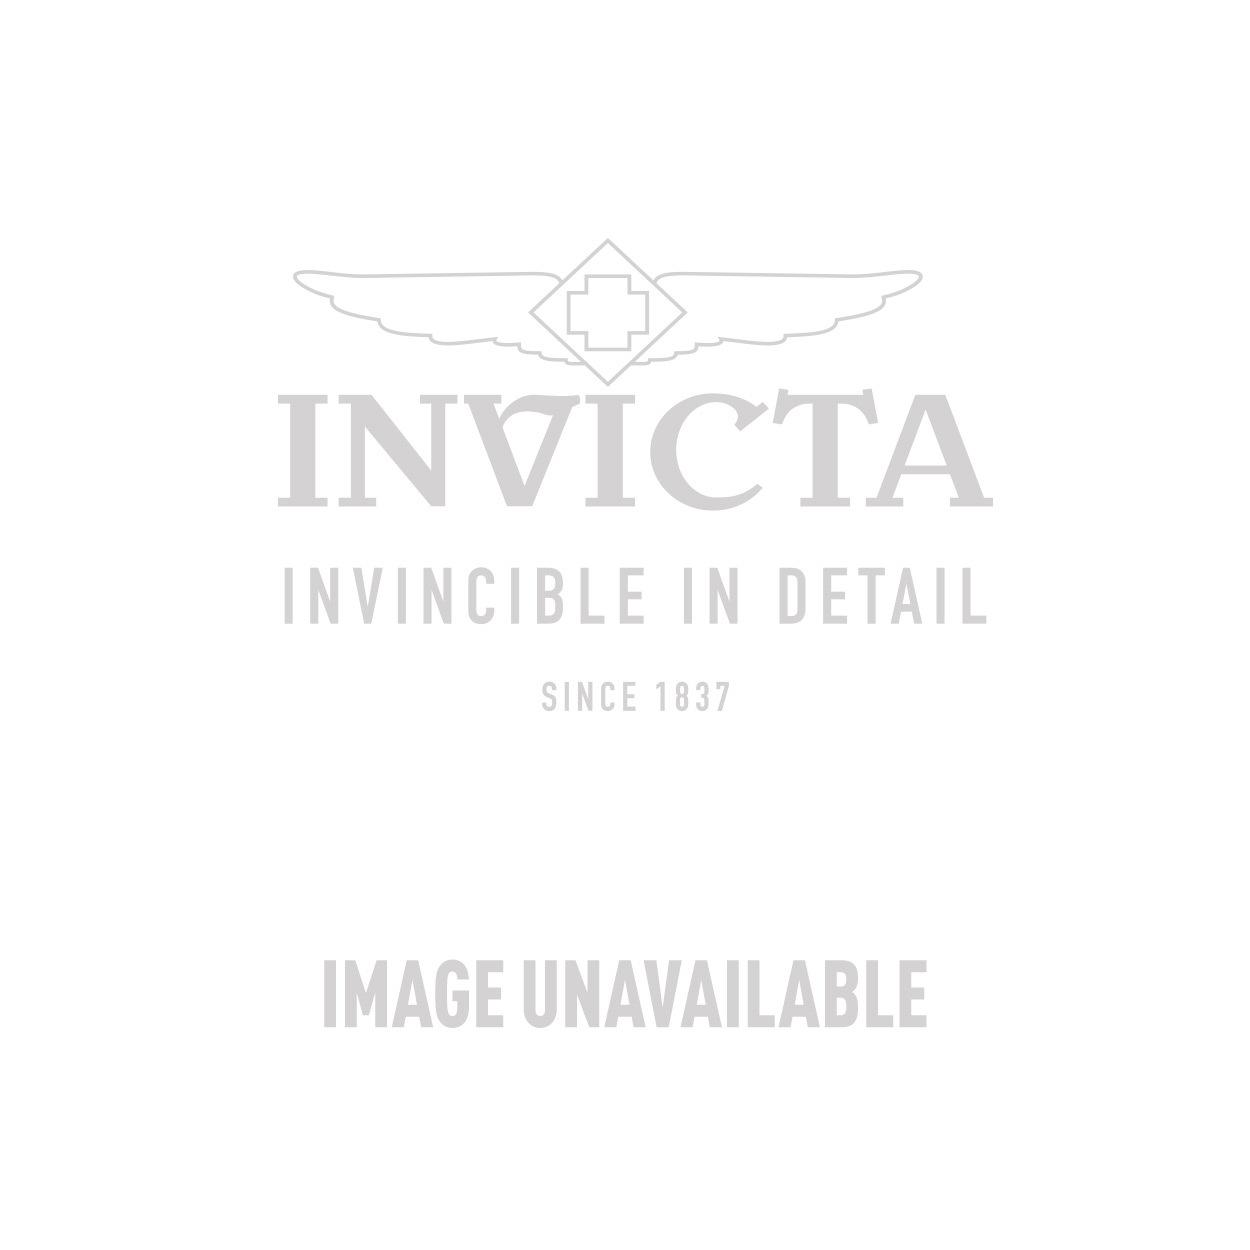 Invicta Model 29305